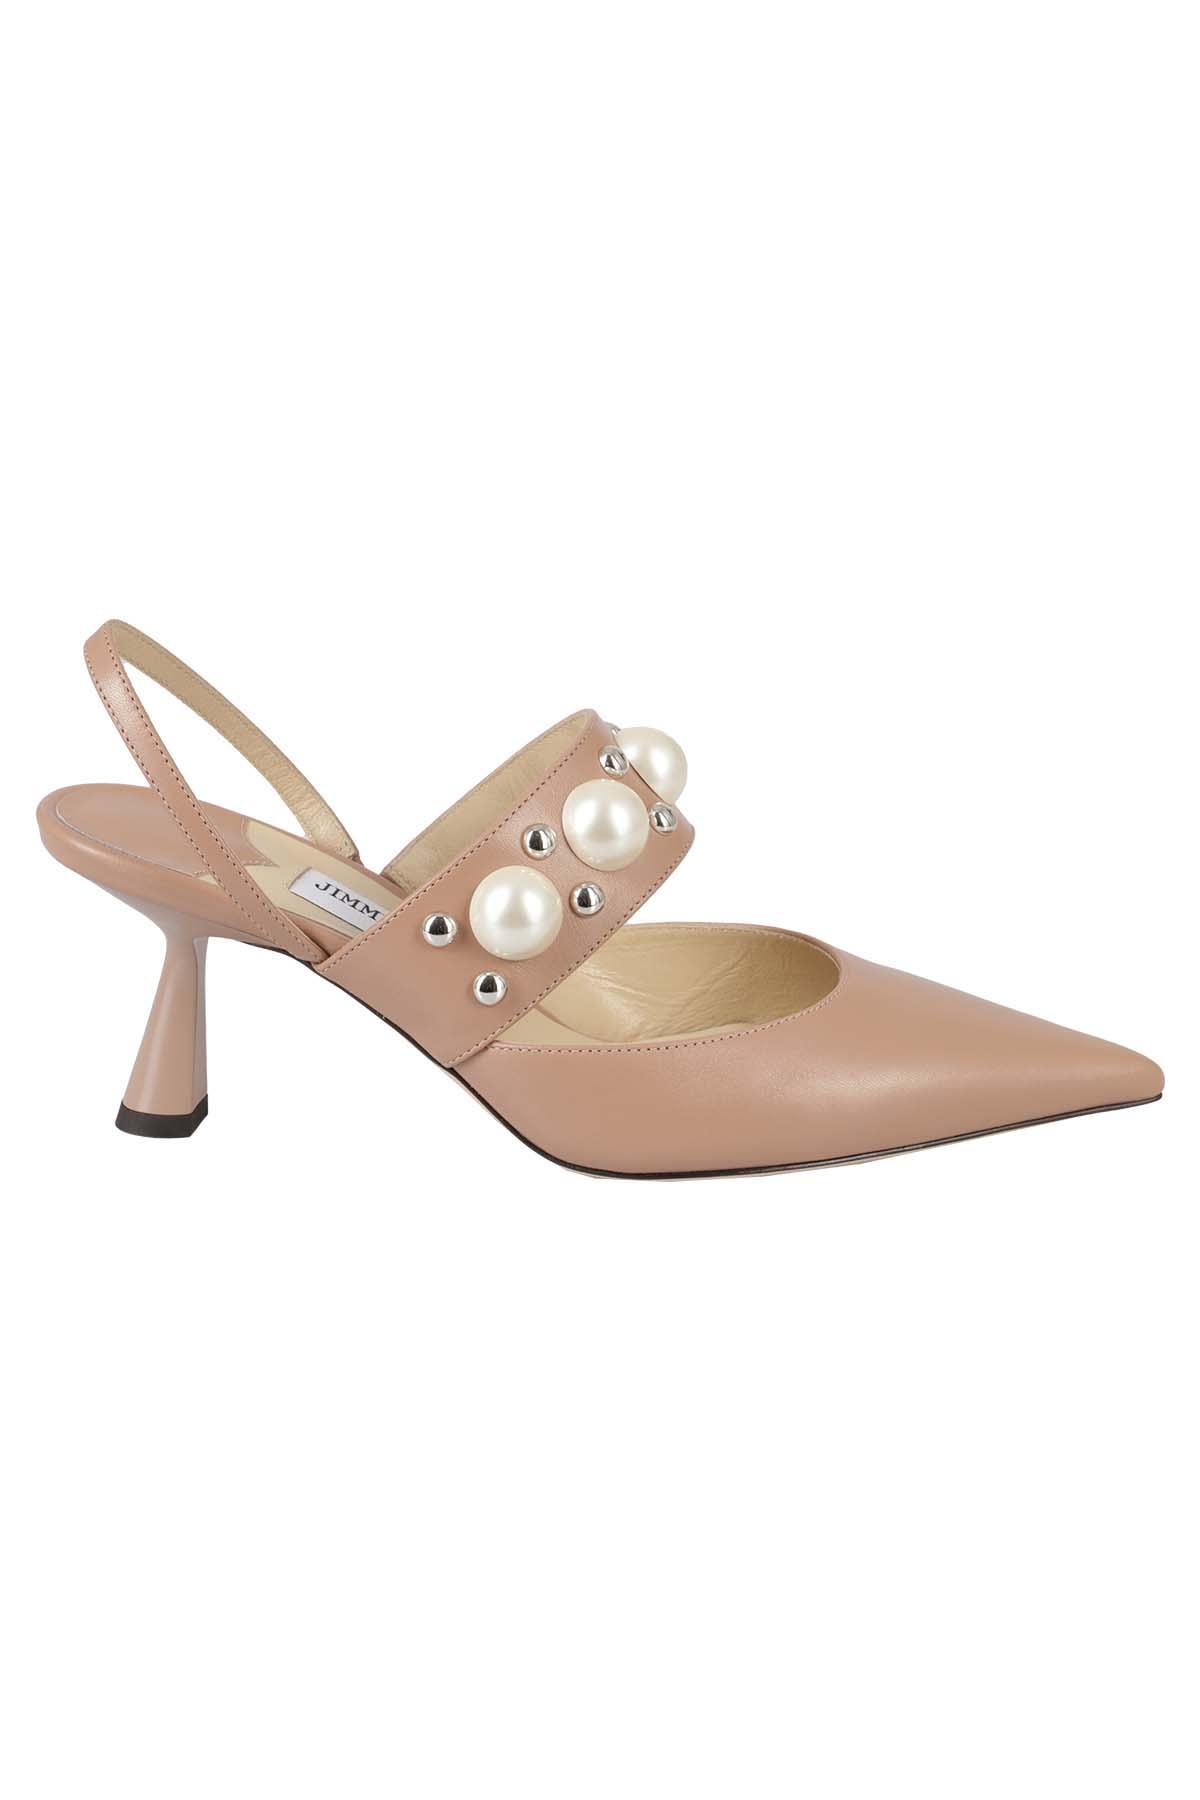 Jimmy Choo Flat Shoes